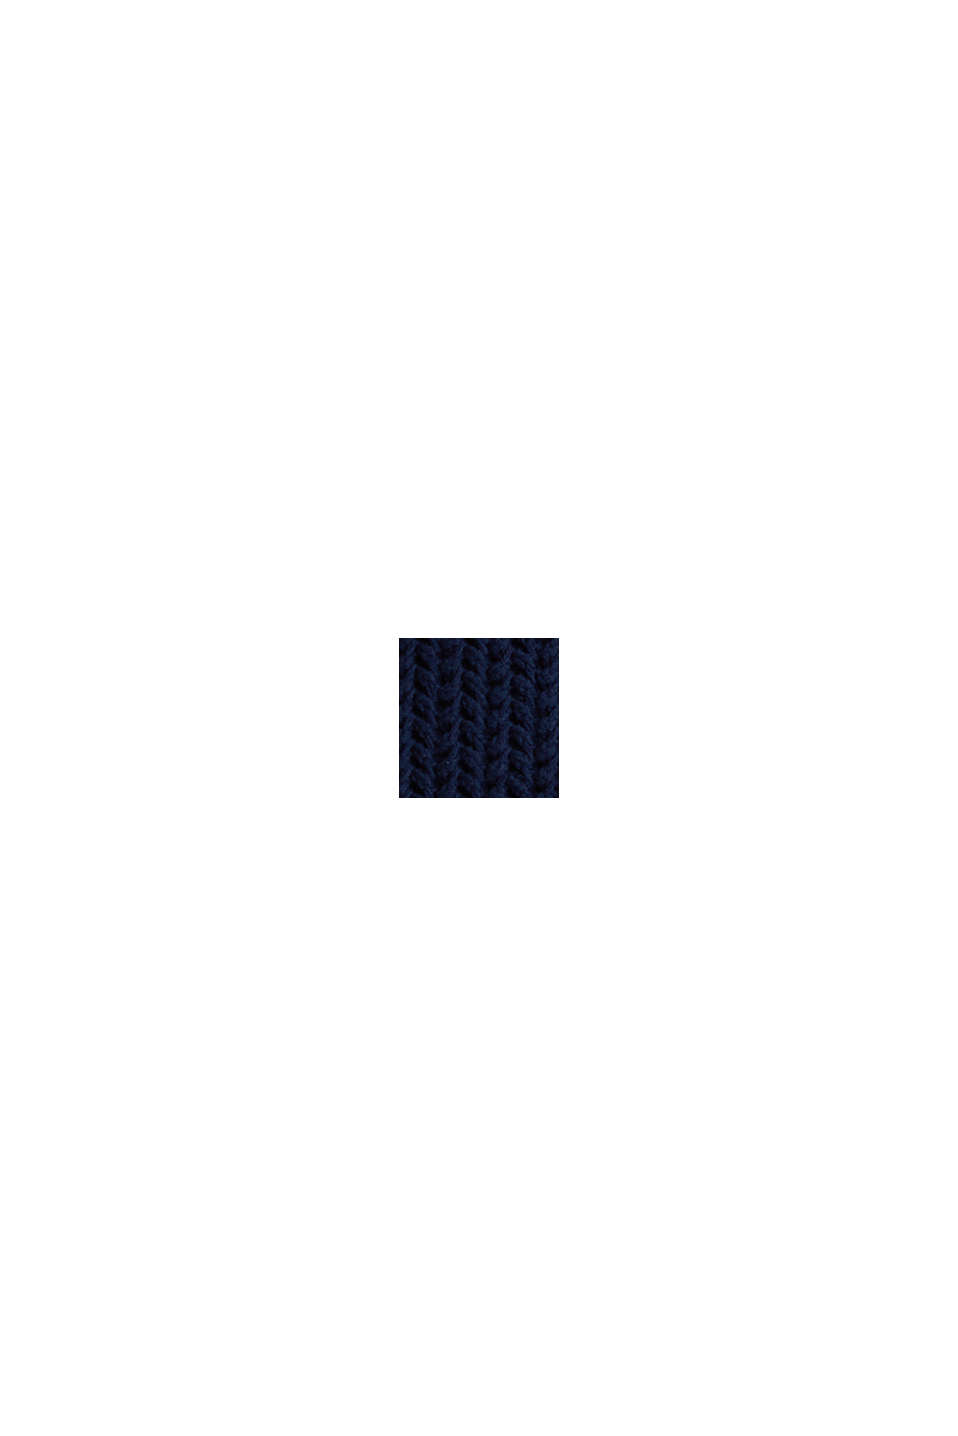 Pullover a maglia grossa squadrato, DARK BLUE, swatch